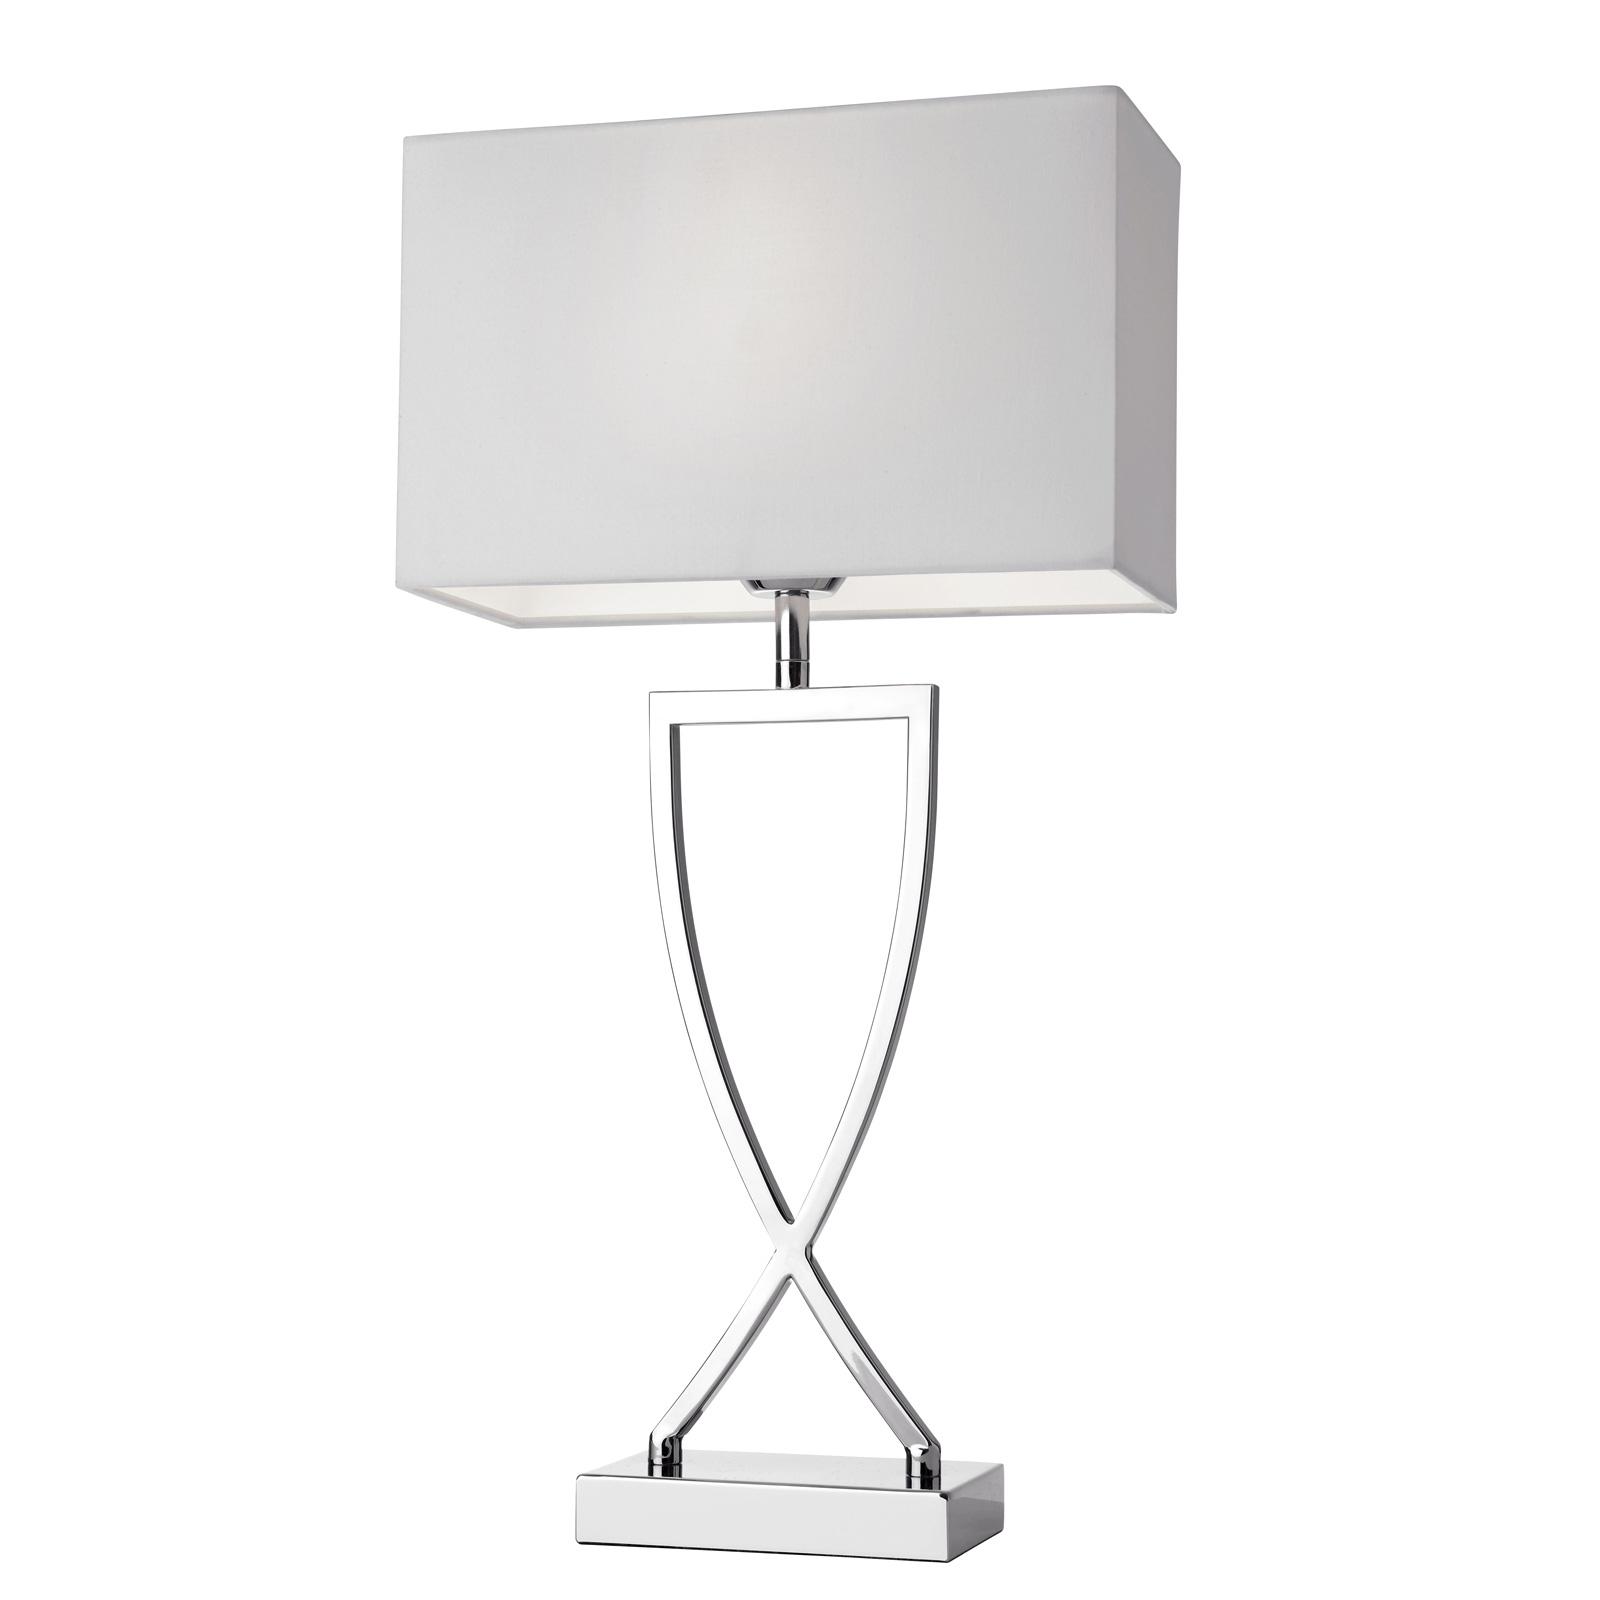 Villeroy & Boch Toulouse elegantti pöytälamppu